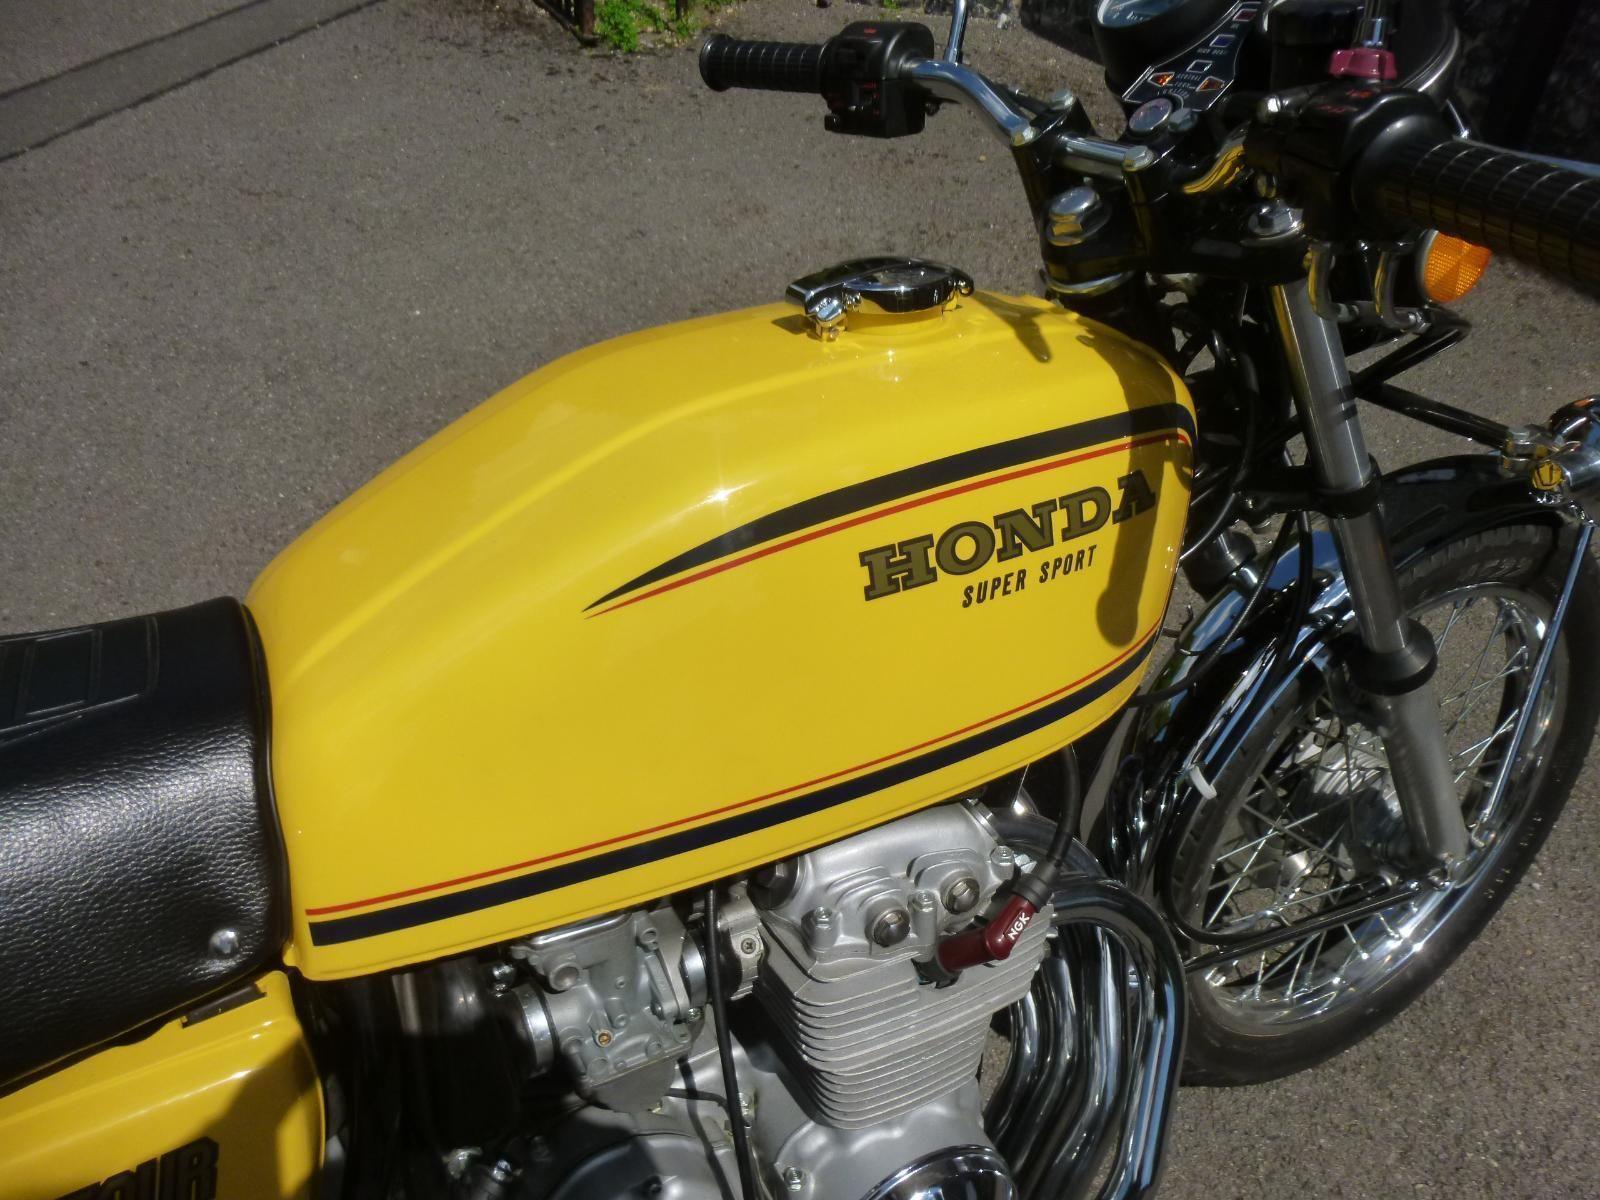 Honda CB400/4 - 1976 - Fuel Tank, Honda Decal and Fuel Cap.